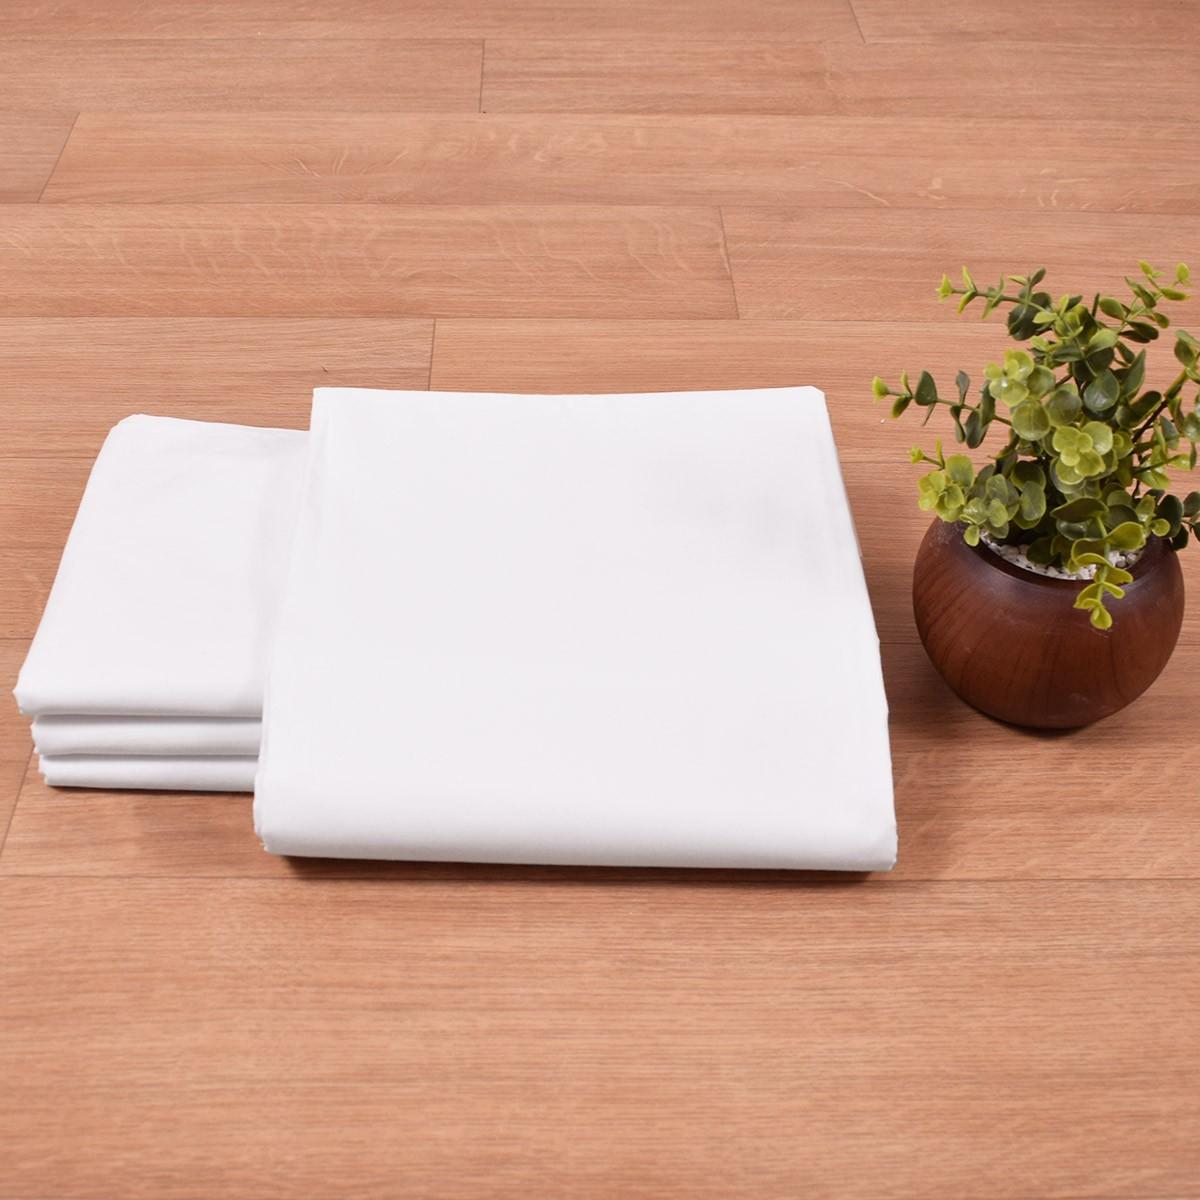 Σεντόνι (250x295) 50%Βαμβάκι 50%Polyester T200 home   επαγγελματικός εξοπλισμός   ξενοδοχειακός εξοπλισμός   σεντόνια ξενοδοχεί